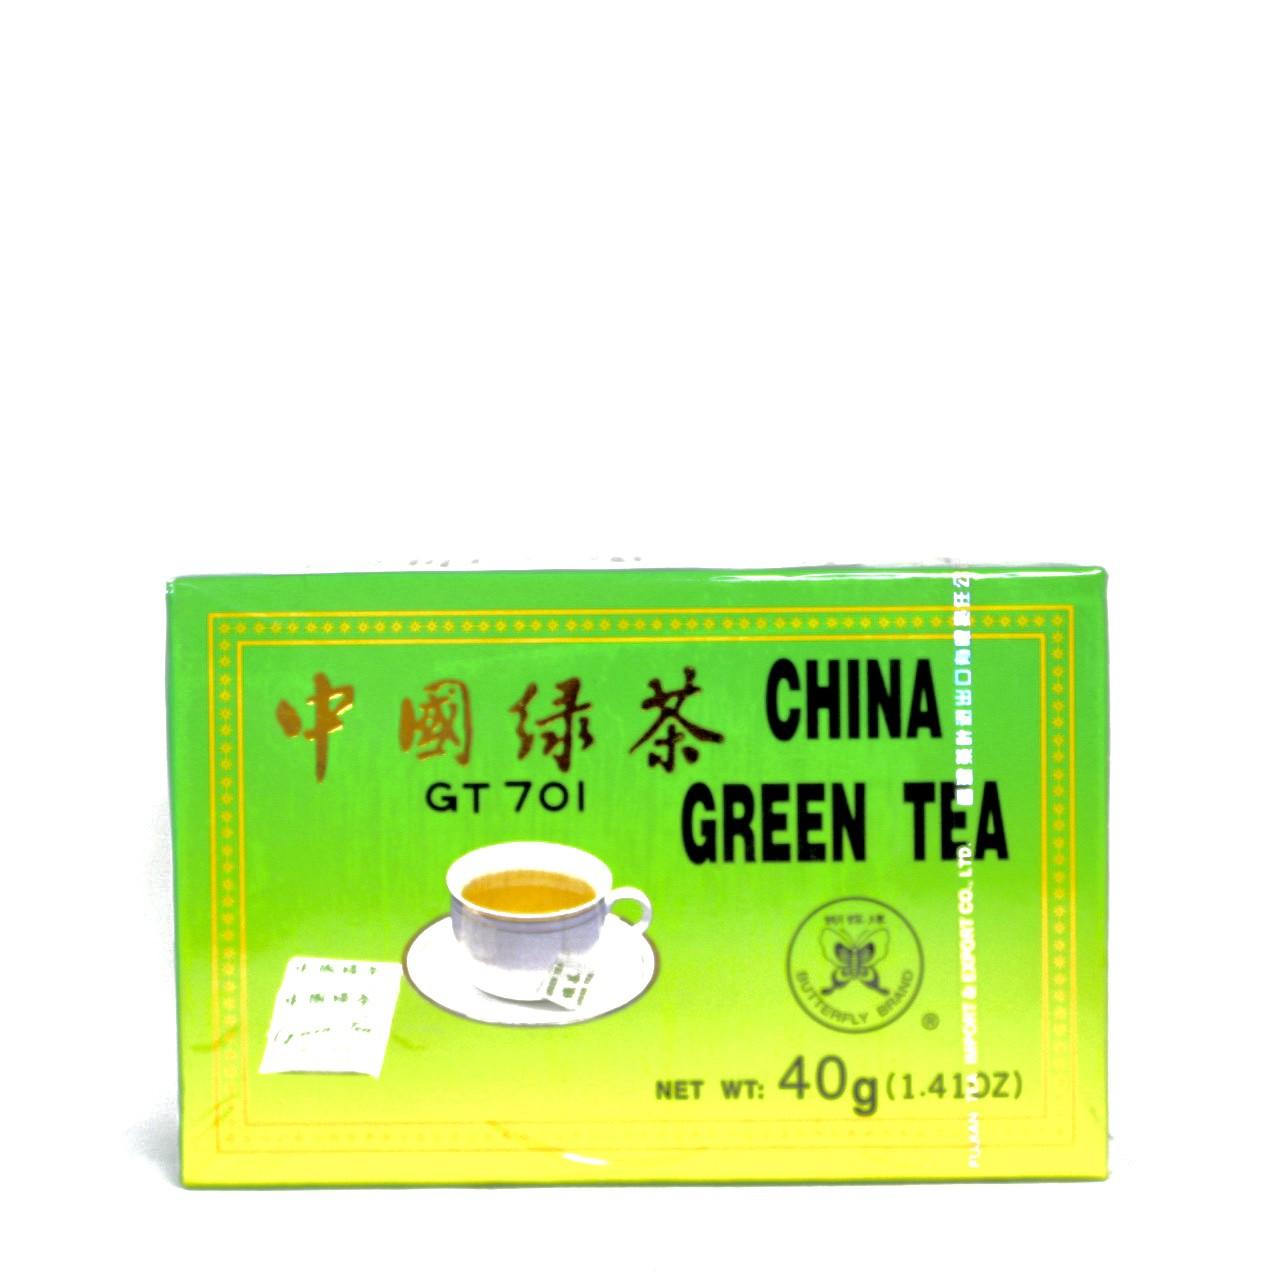 FUJIAN GREEN TEA 2g X 20 SACHET GT 701